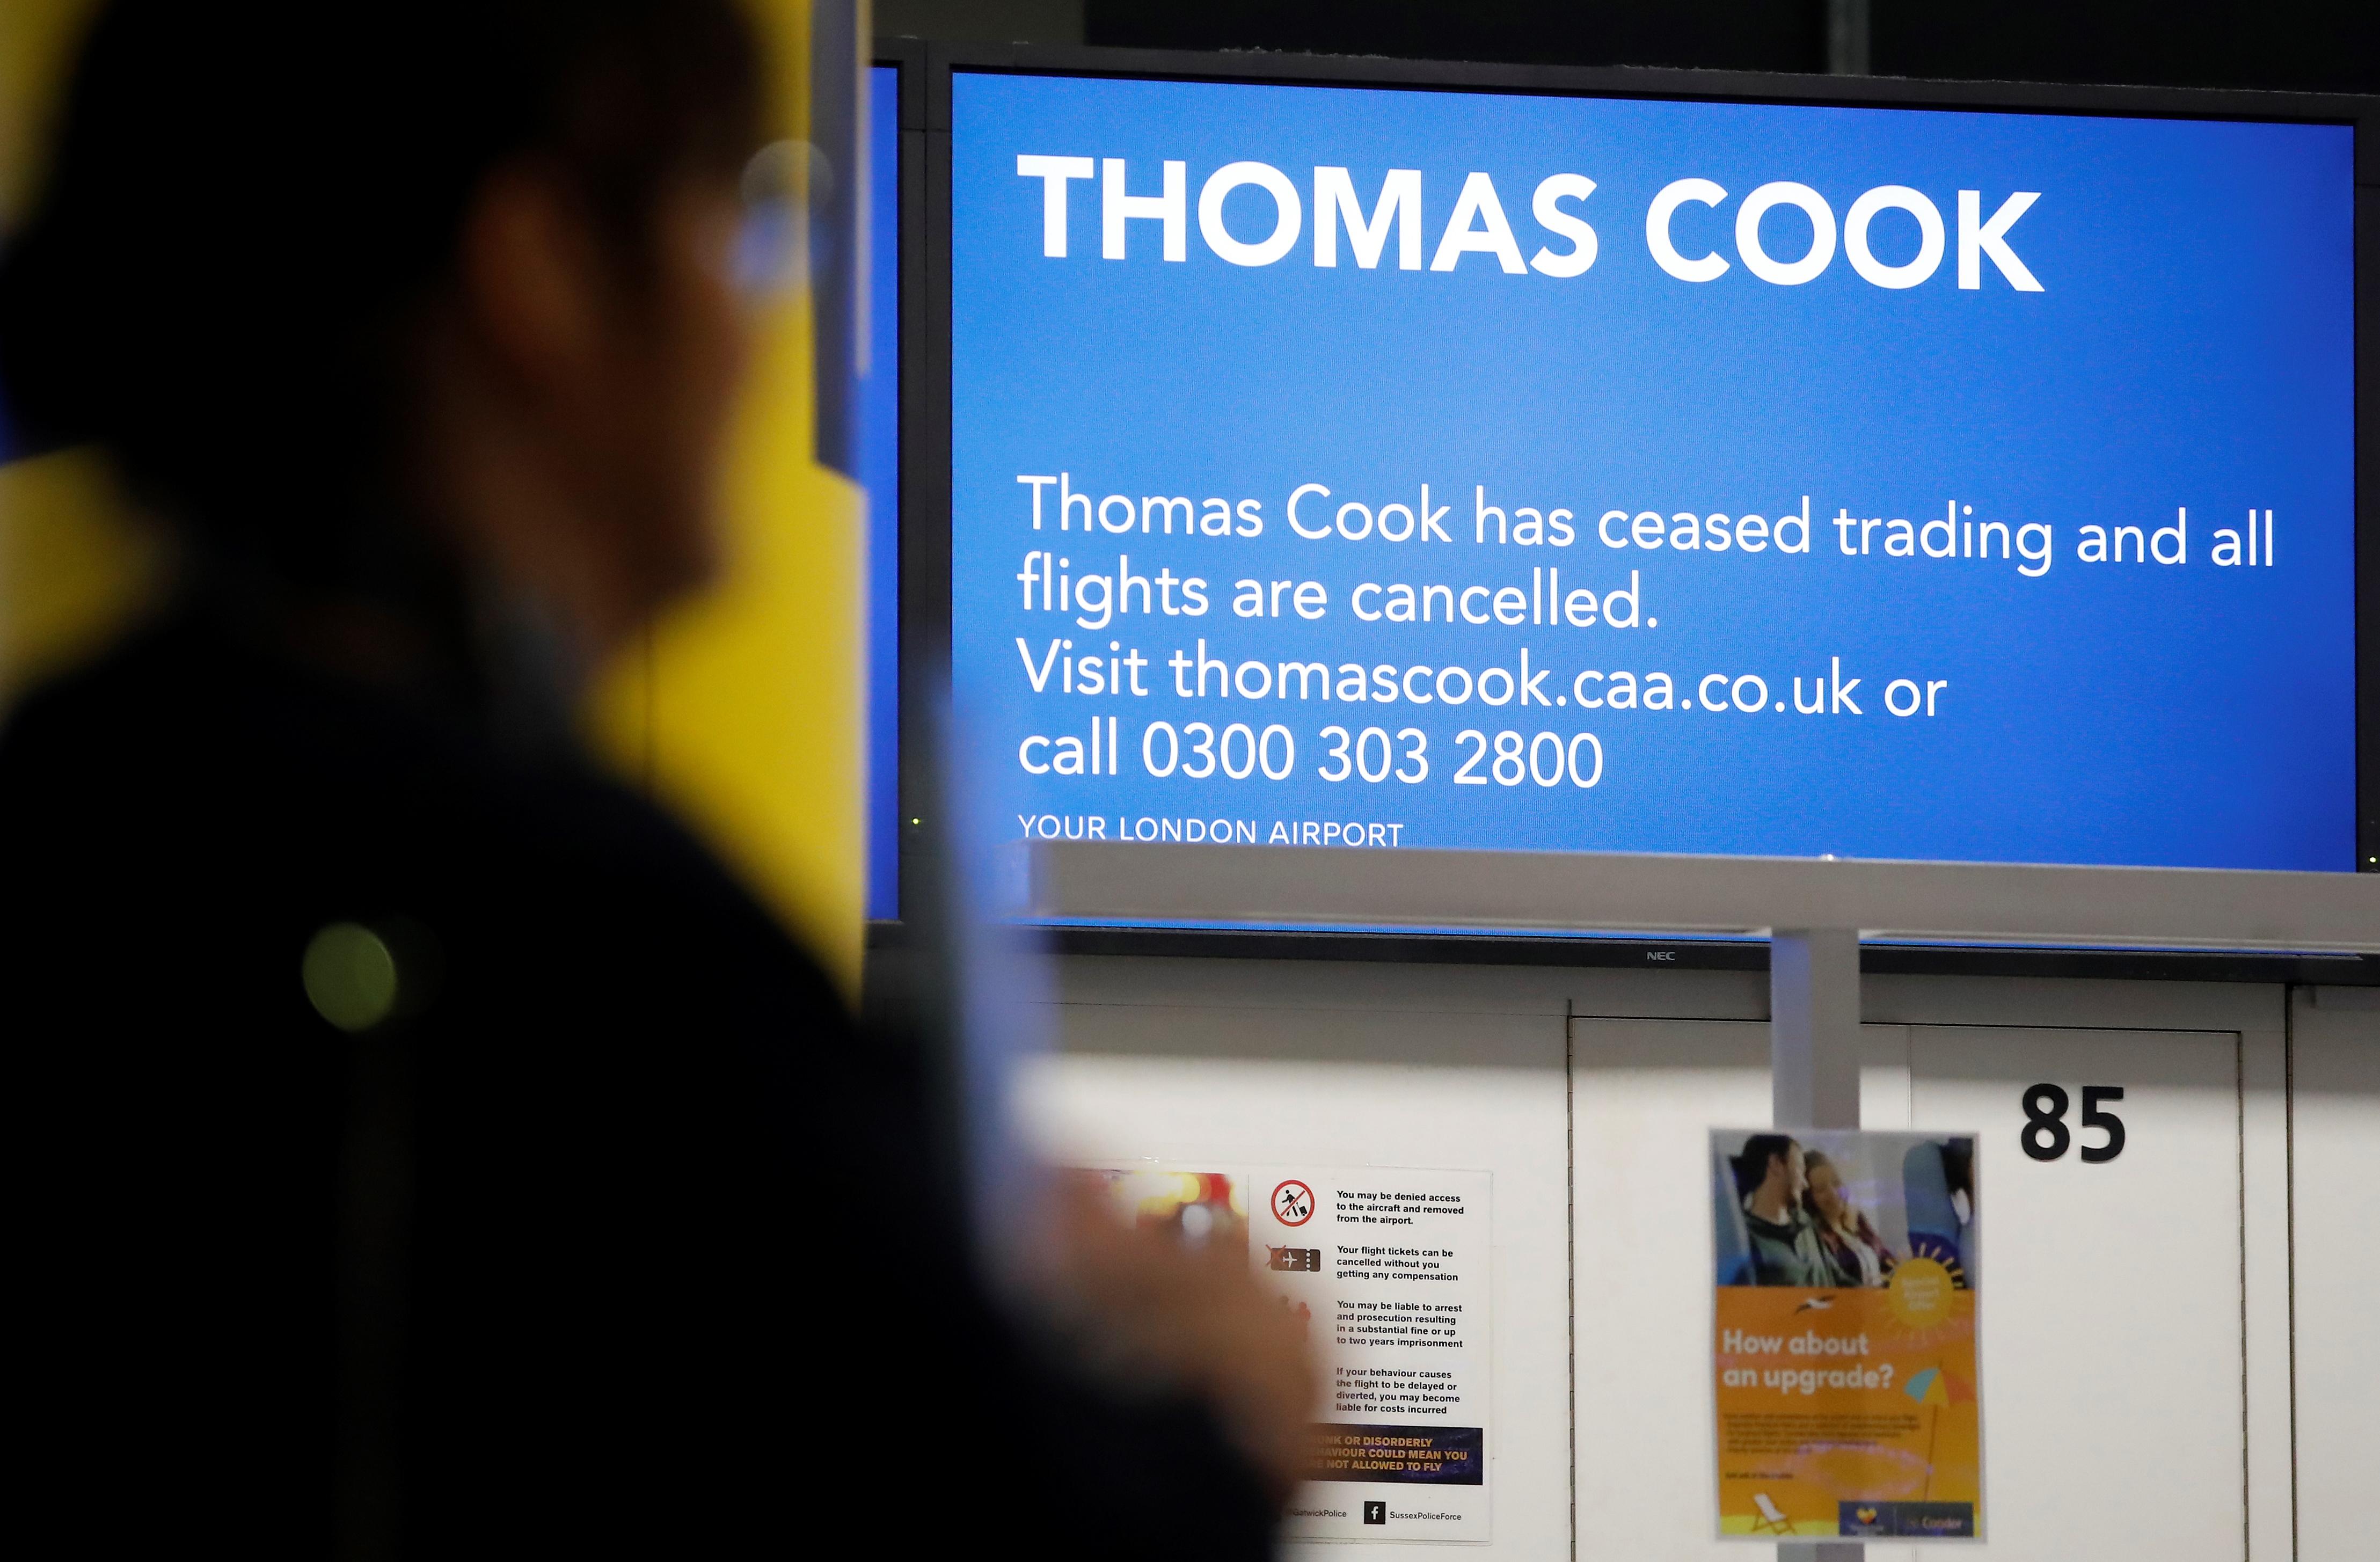 Un eventual colapso de Thomas Cook podría forzar a la Autoridad de Aviación Civil a repatriar a los clientes afectados por un coste estimado en 600 millones de libras (USD 750 millones)